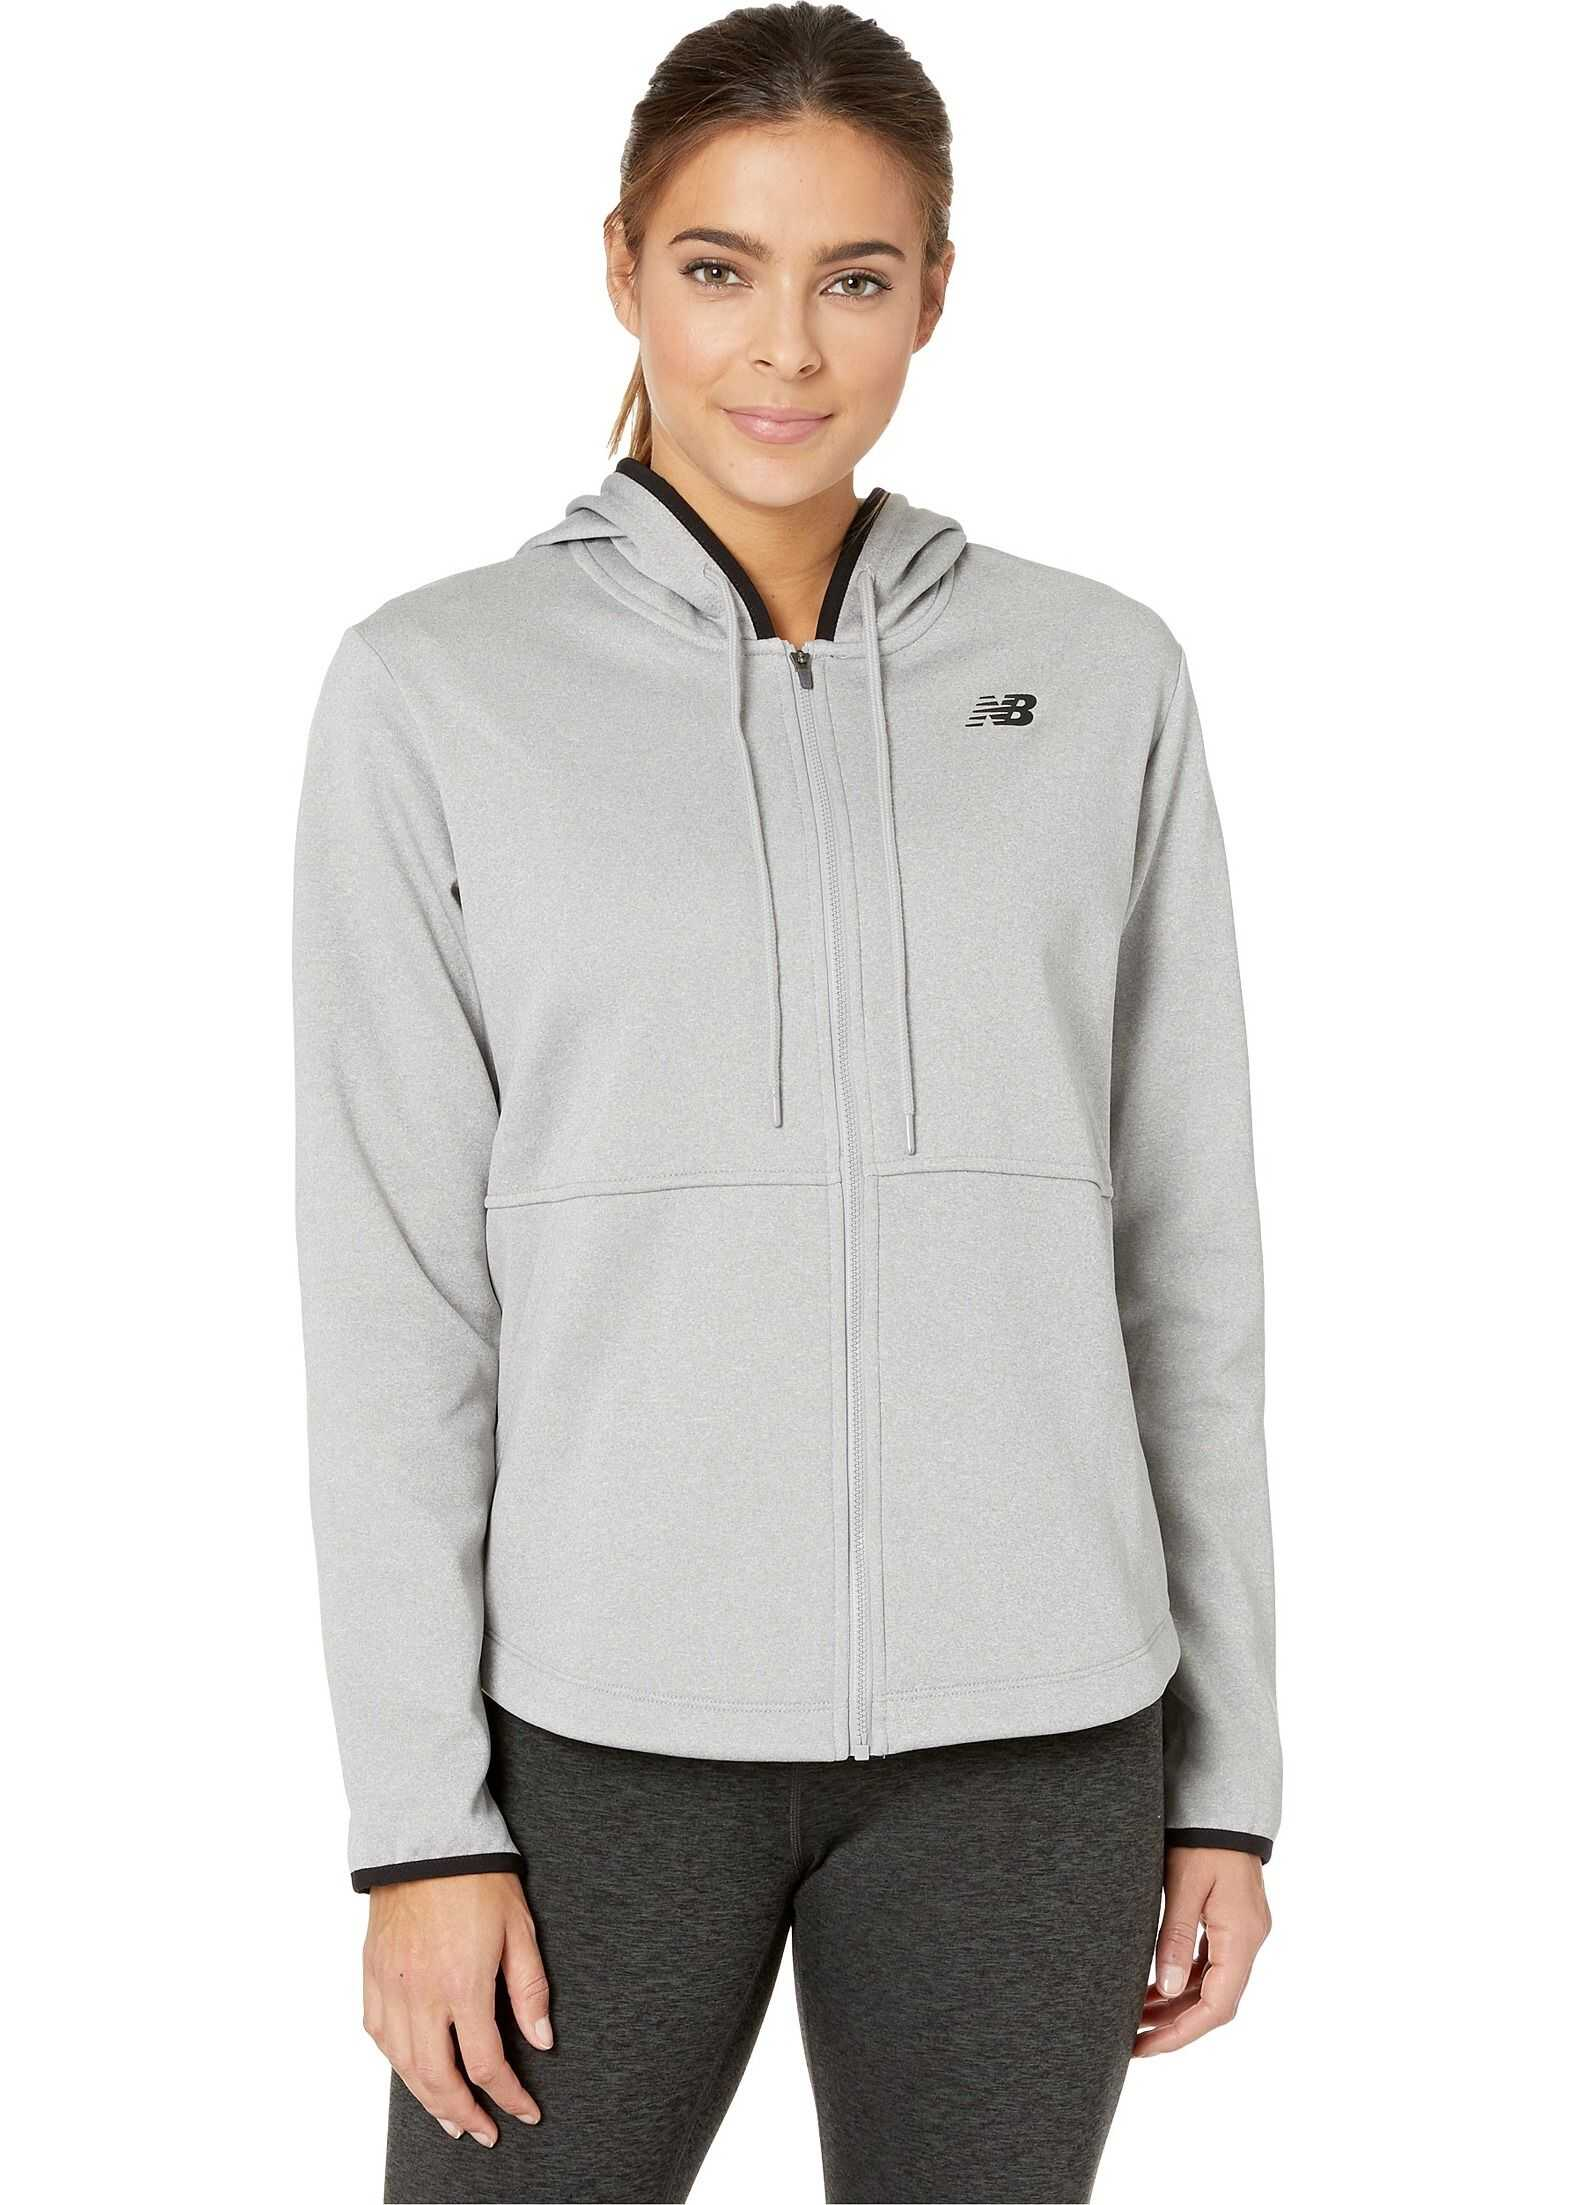 New Balance Relentless Fleece Full Zip Athletic Grey